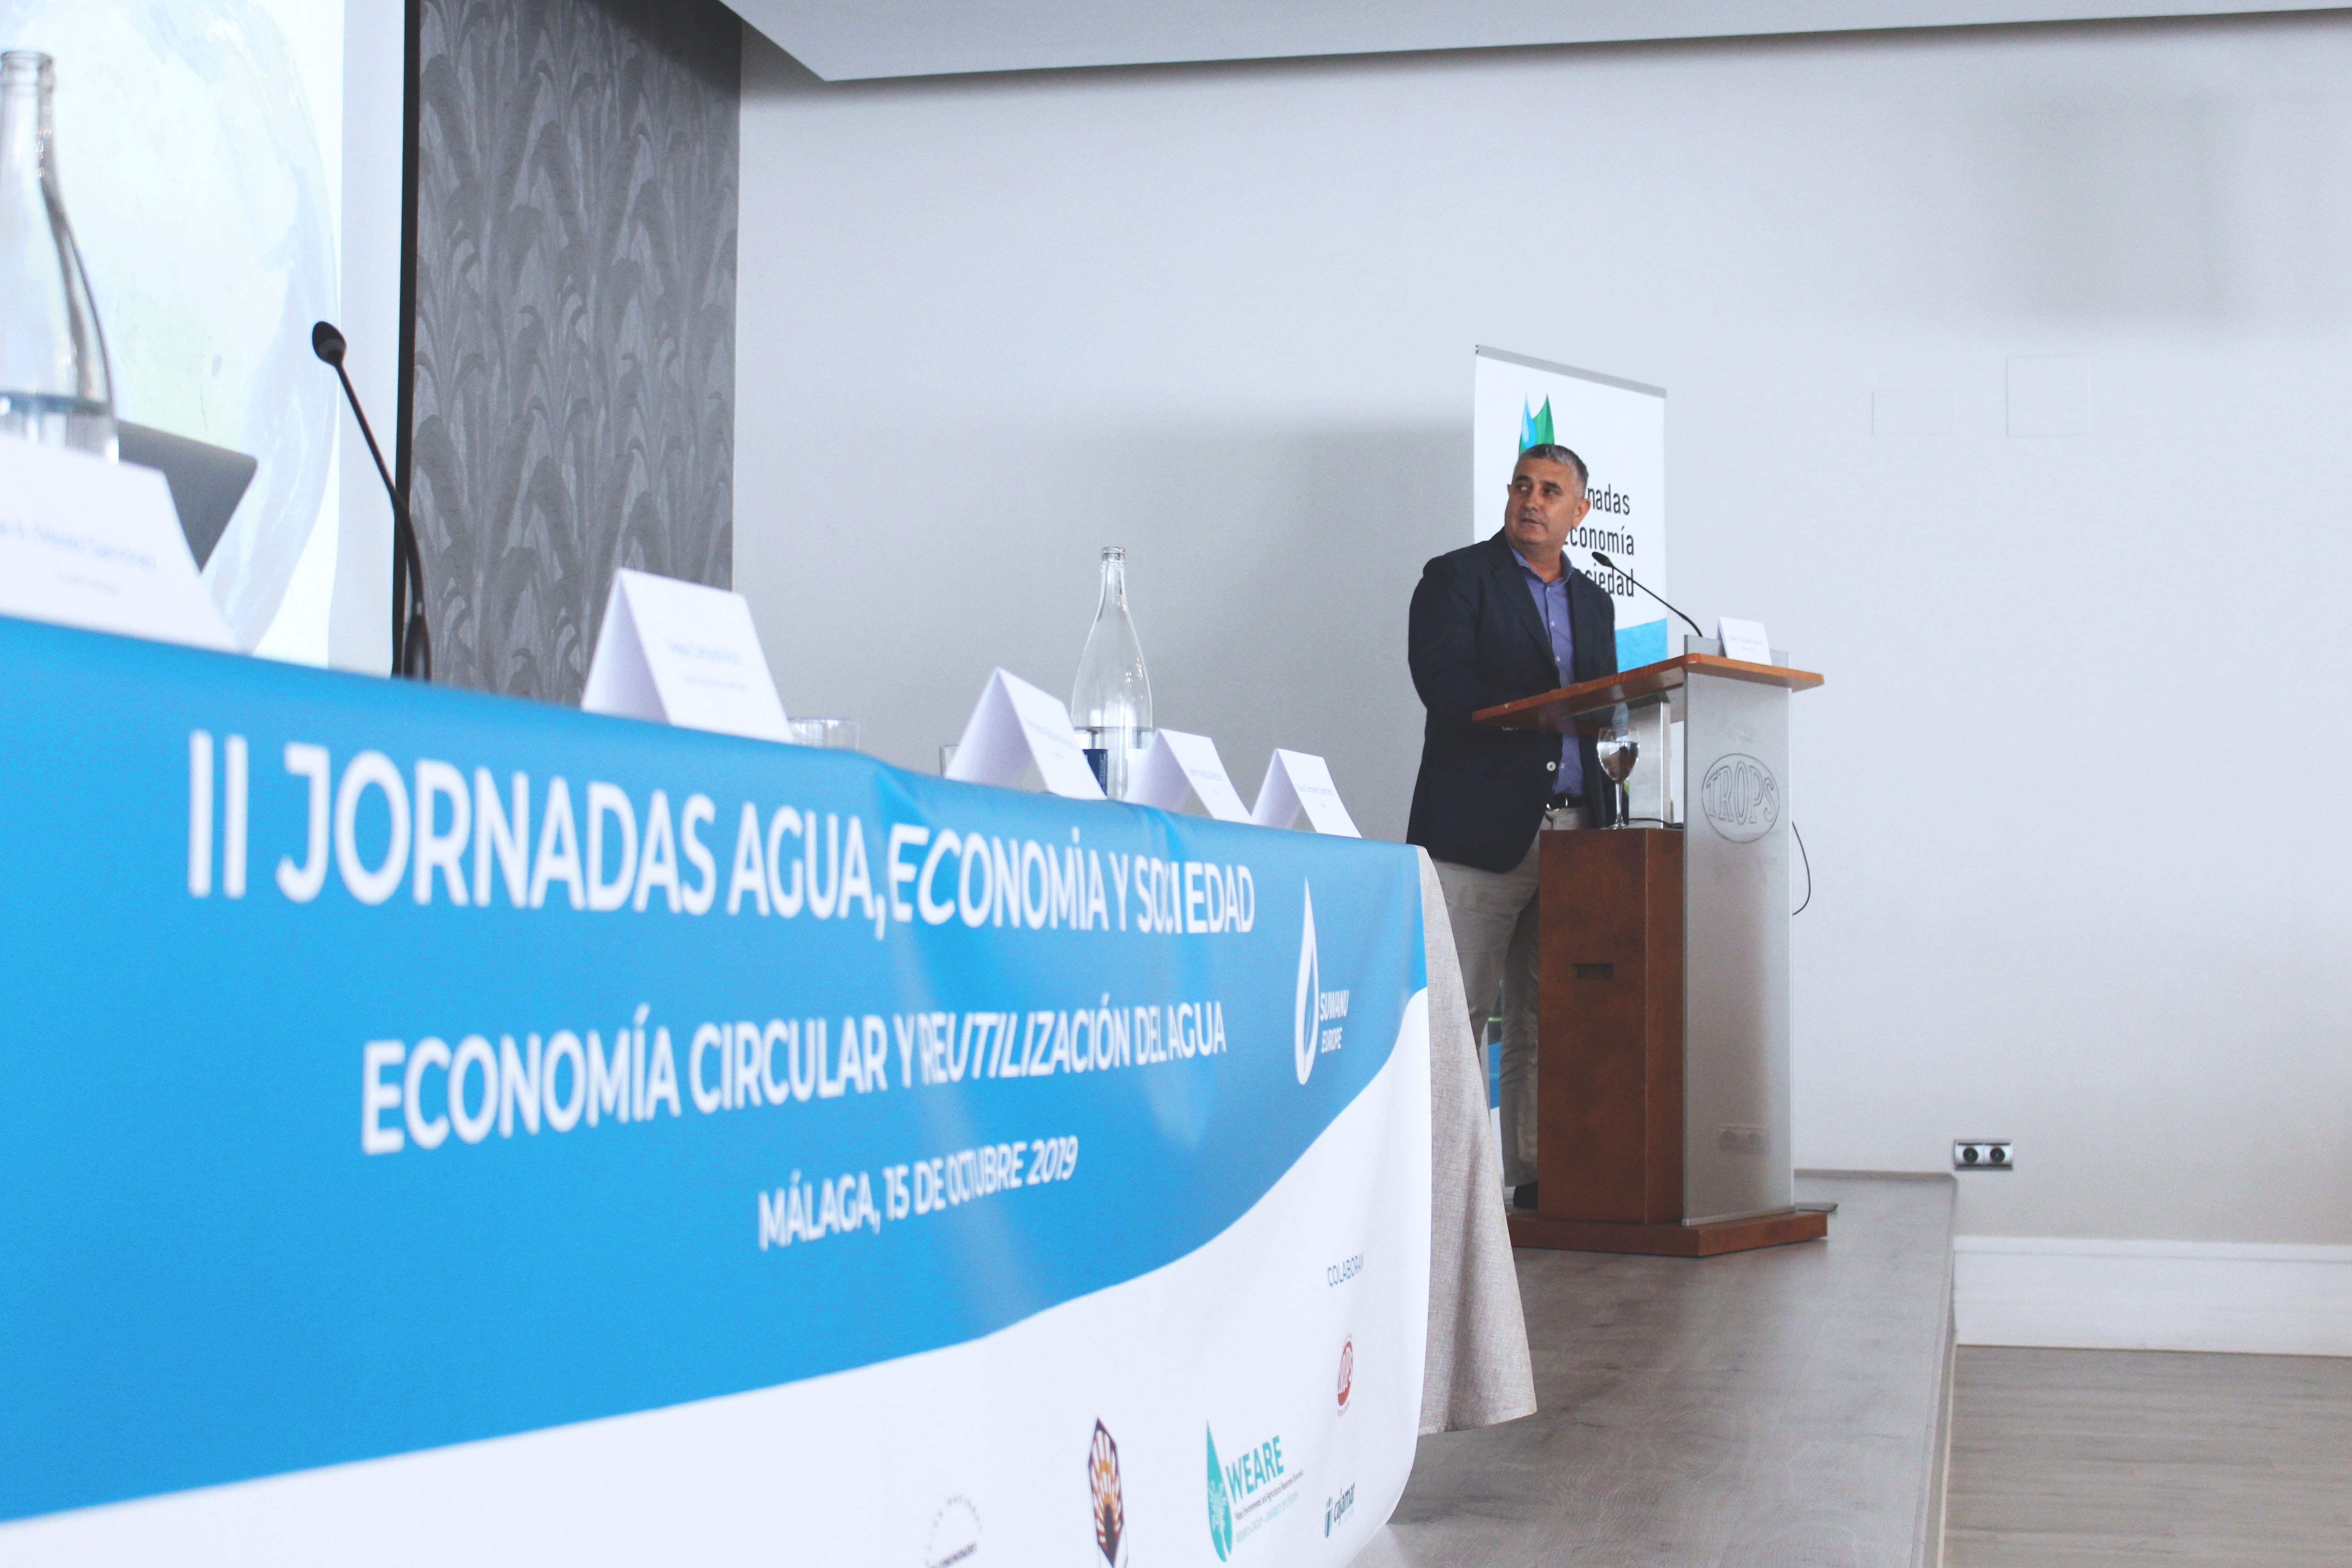 Juan Carlos Gázquez (Fundación Cajamar)